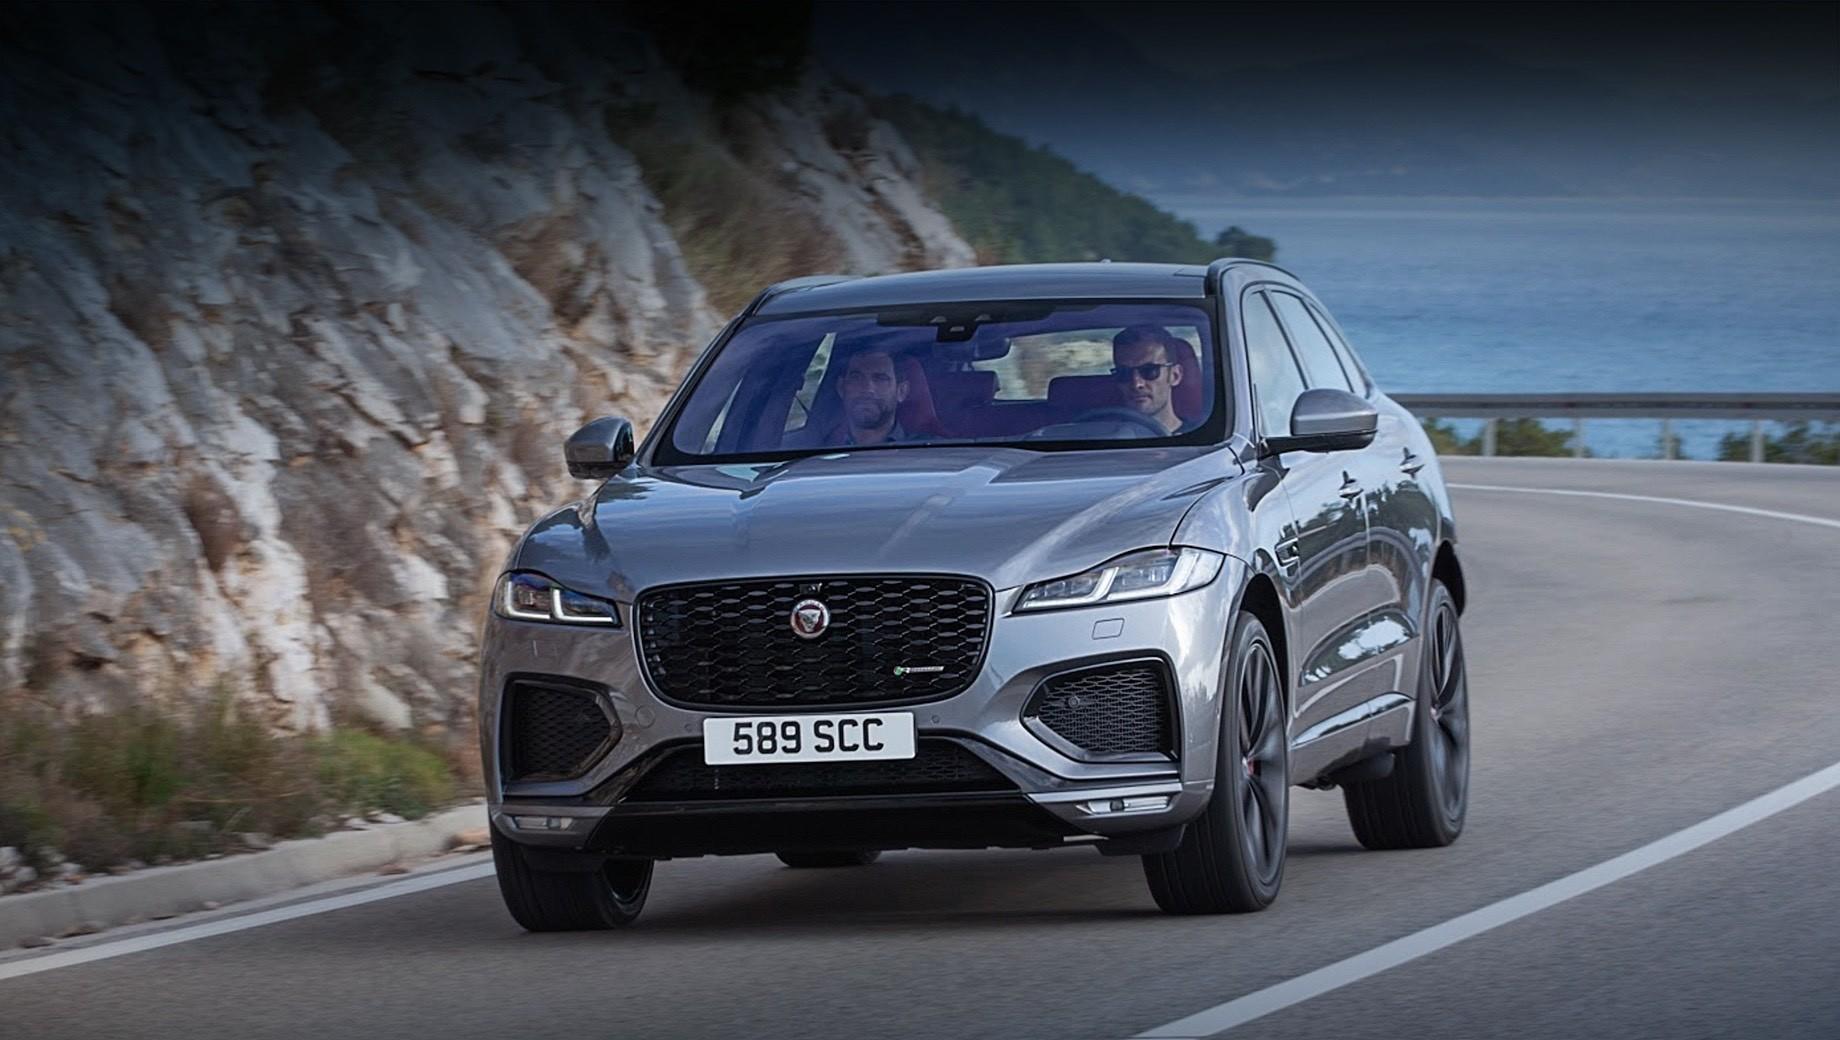 Jaguar f-pace. Почти все дизельные и бензиновые версии кроссовера для Европы дополнены 48-вольтовыми стартер-генераторами. Линейка турбодизелей состоит из агрегатов 2.0 (163 и 204 л.с.) и 3.0 (300 л.с.), а гамма бензиновых — из «четвёрки» 2.0 (250) и «шестёрок» 3.0 с комбинированным турбонаддувом (340 и 400 сил). Для России же подготовлен свой набор агрегатов, а старт продаж у нас намечен на весну 2021-го.